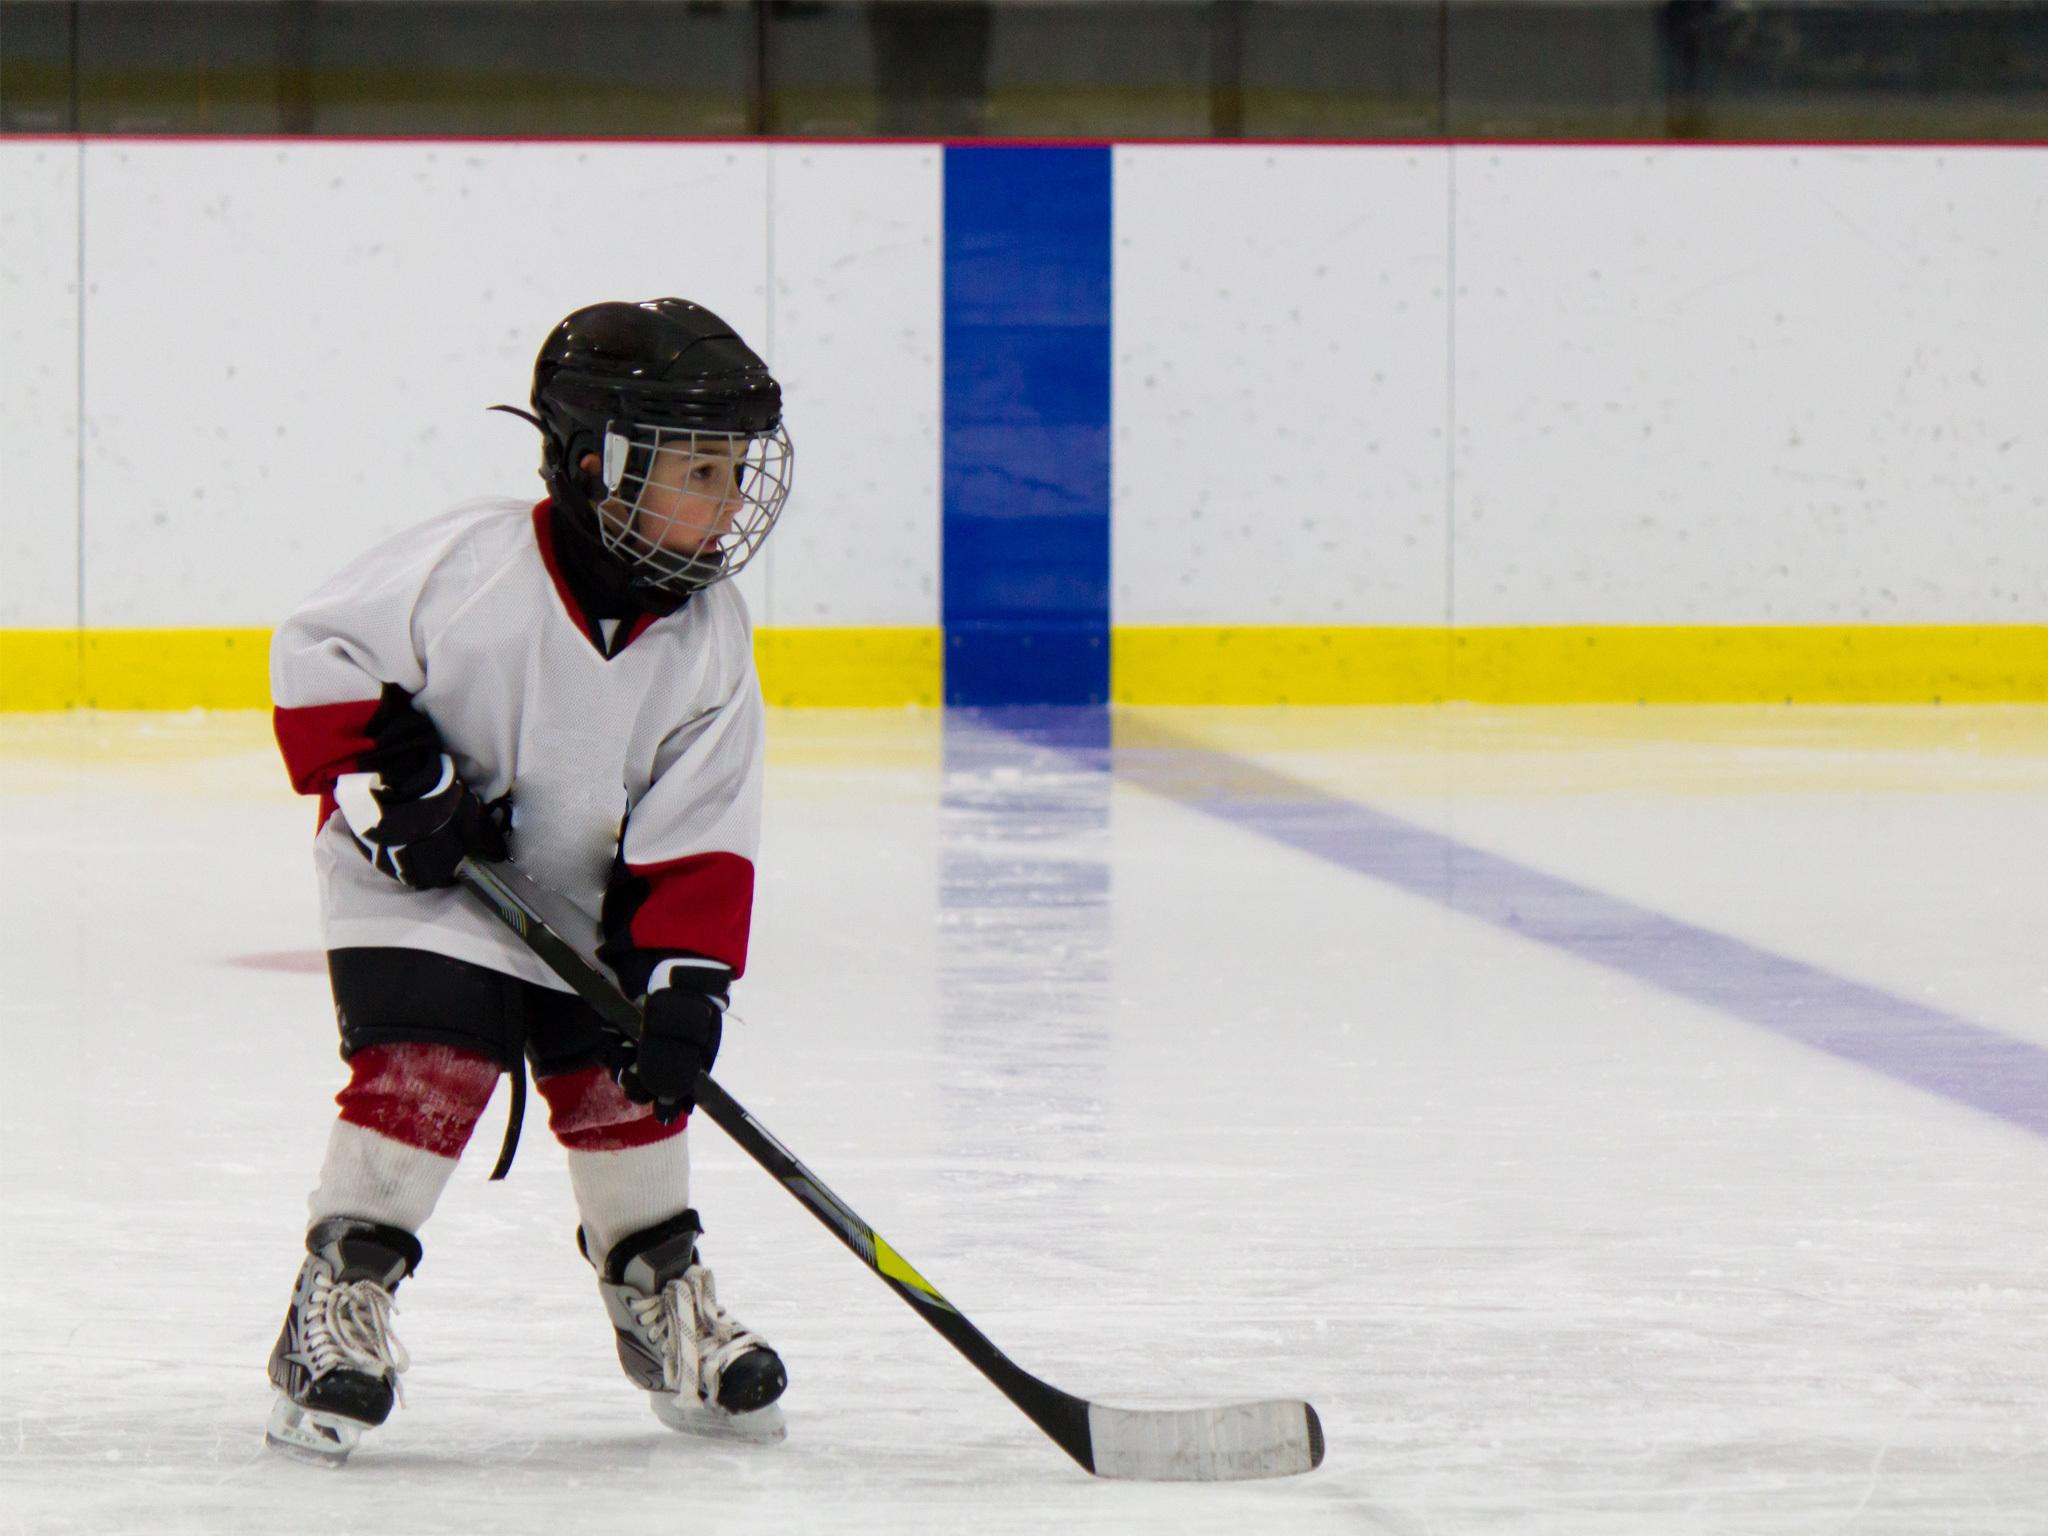 Deportes para niños de 6 a 8 años